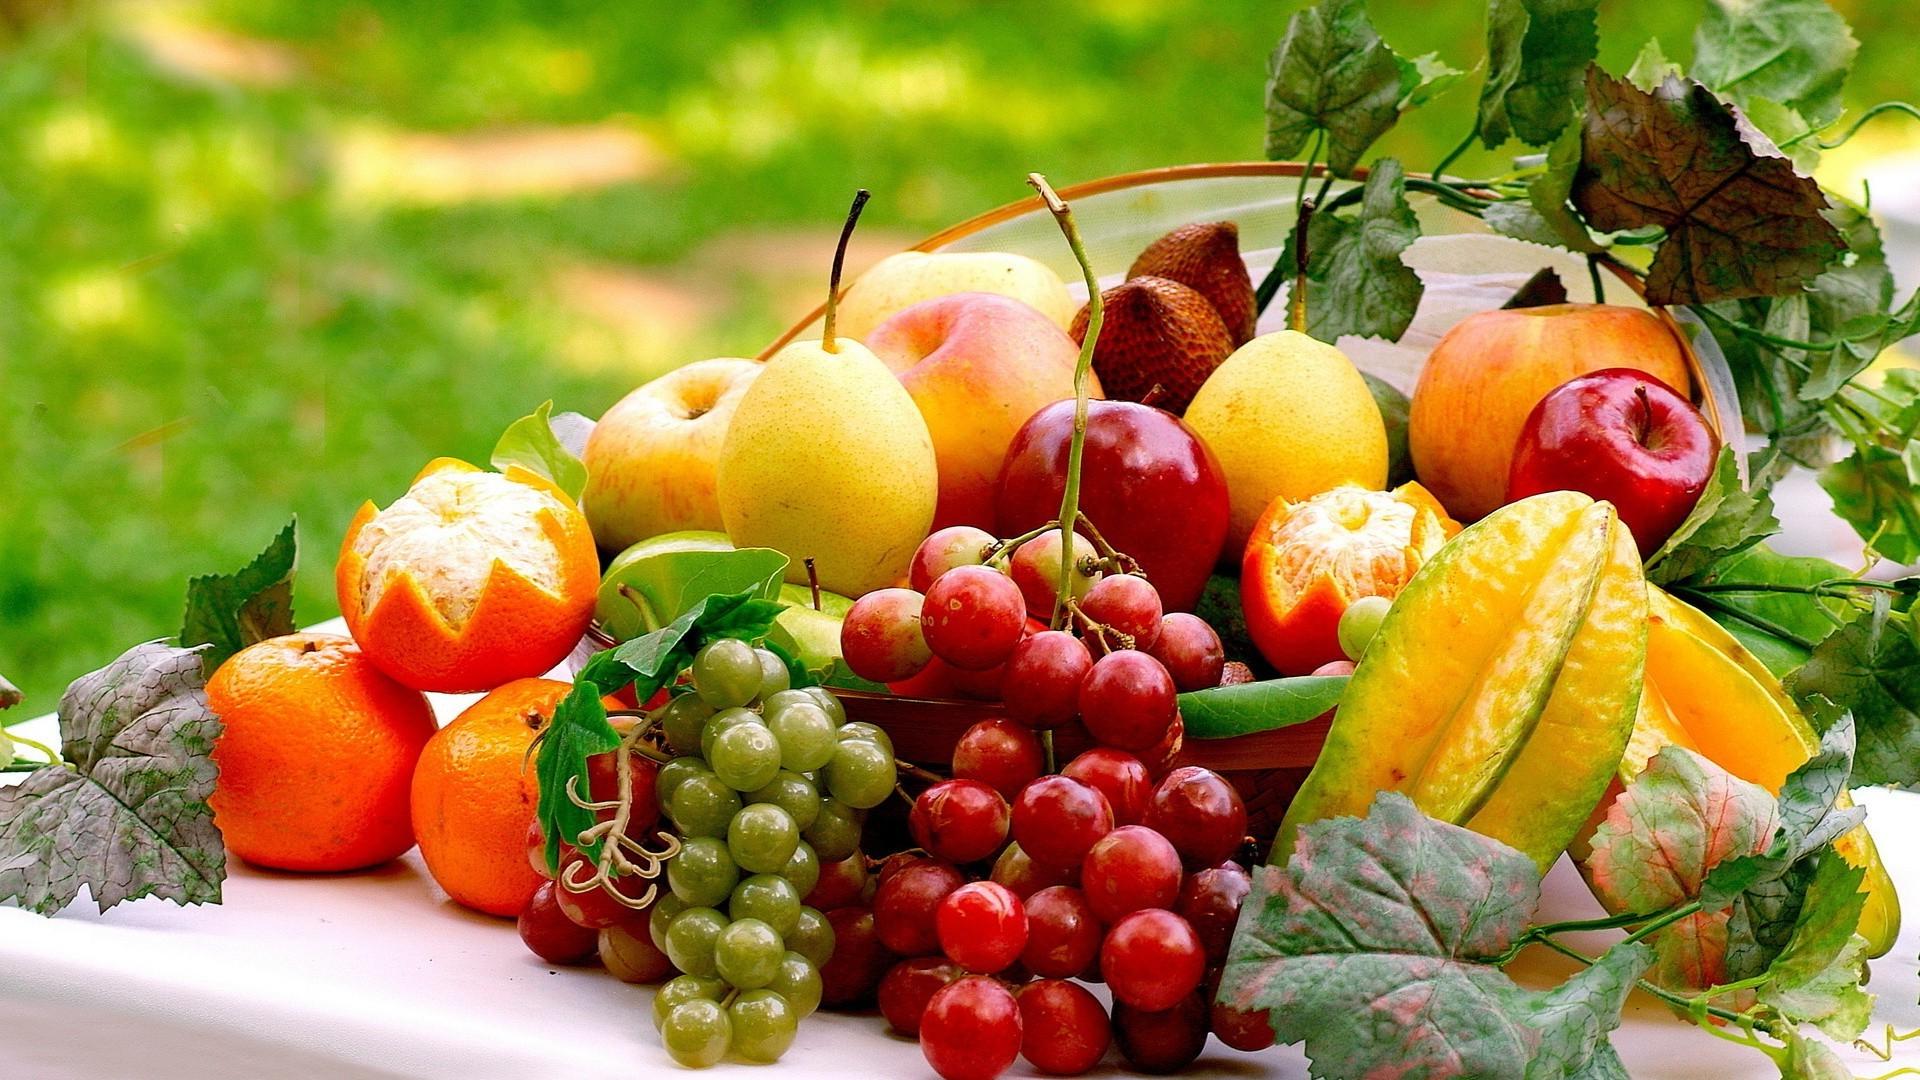 шаблон презентаций красивые картинки фрукты на рабочий стол подумала